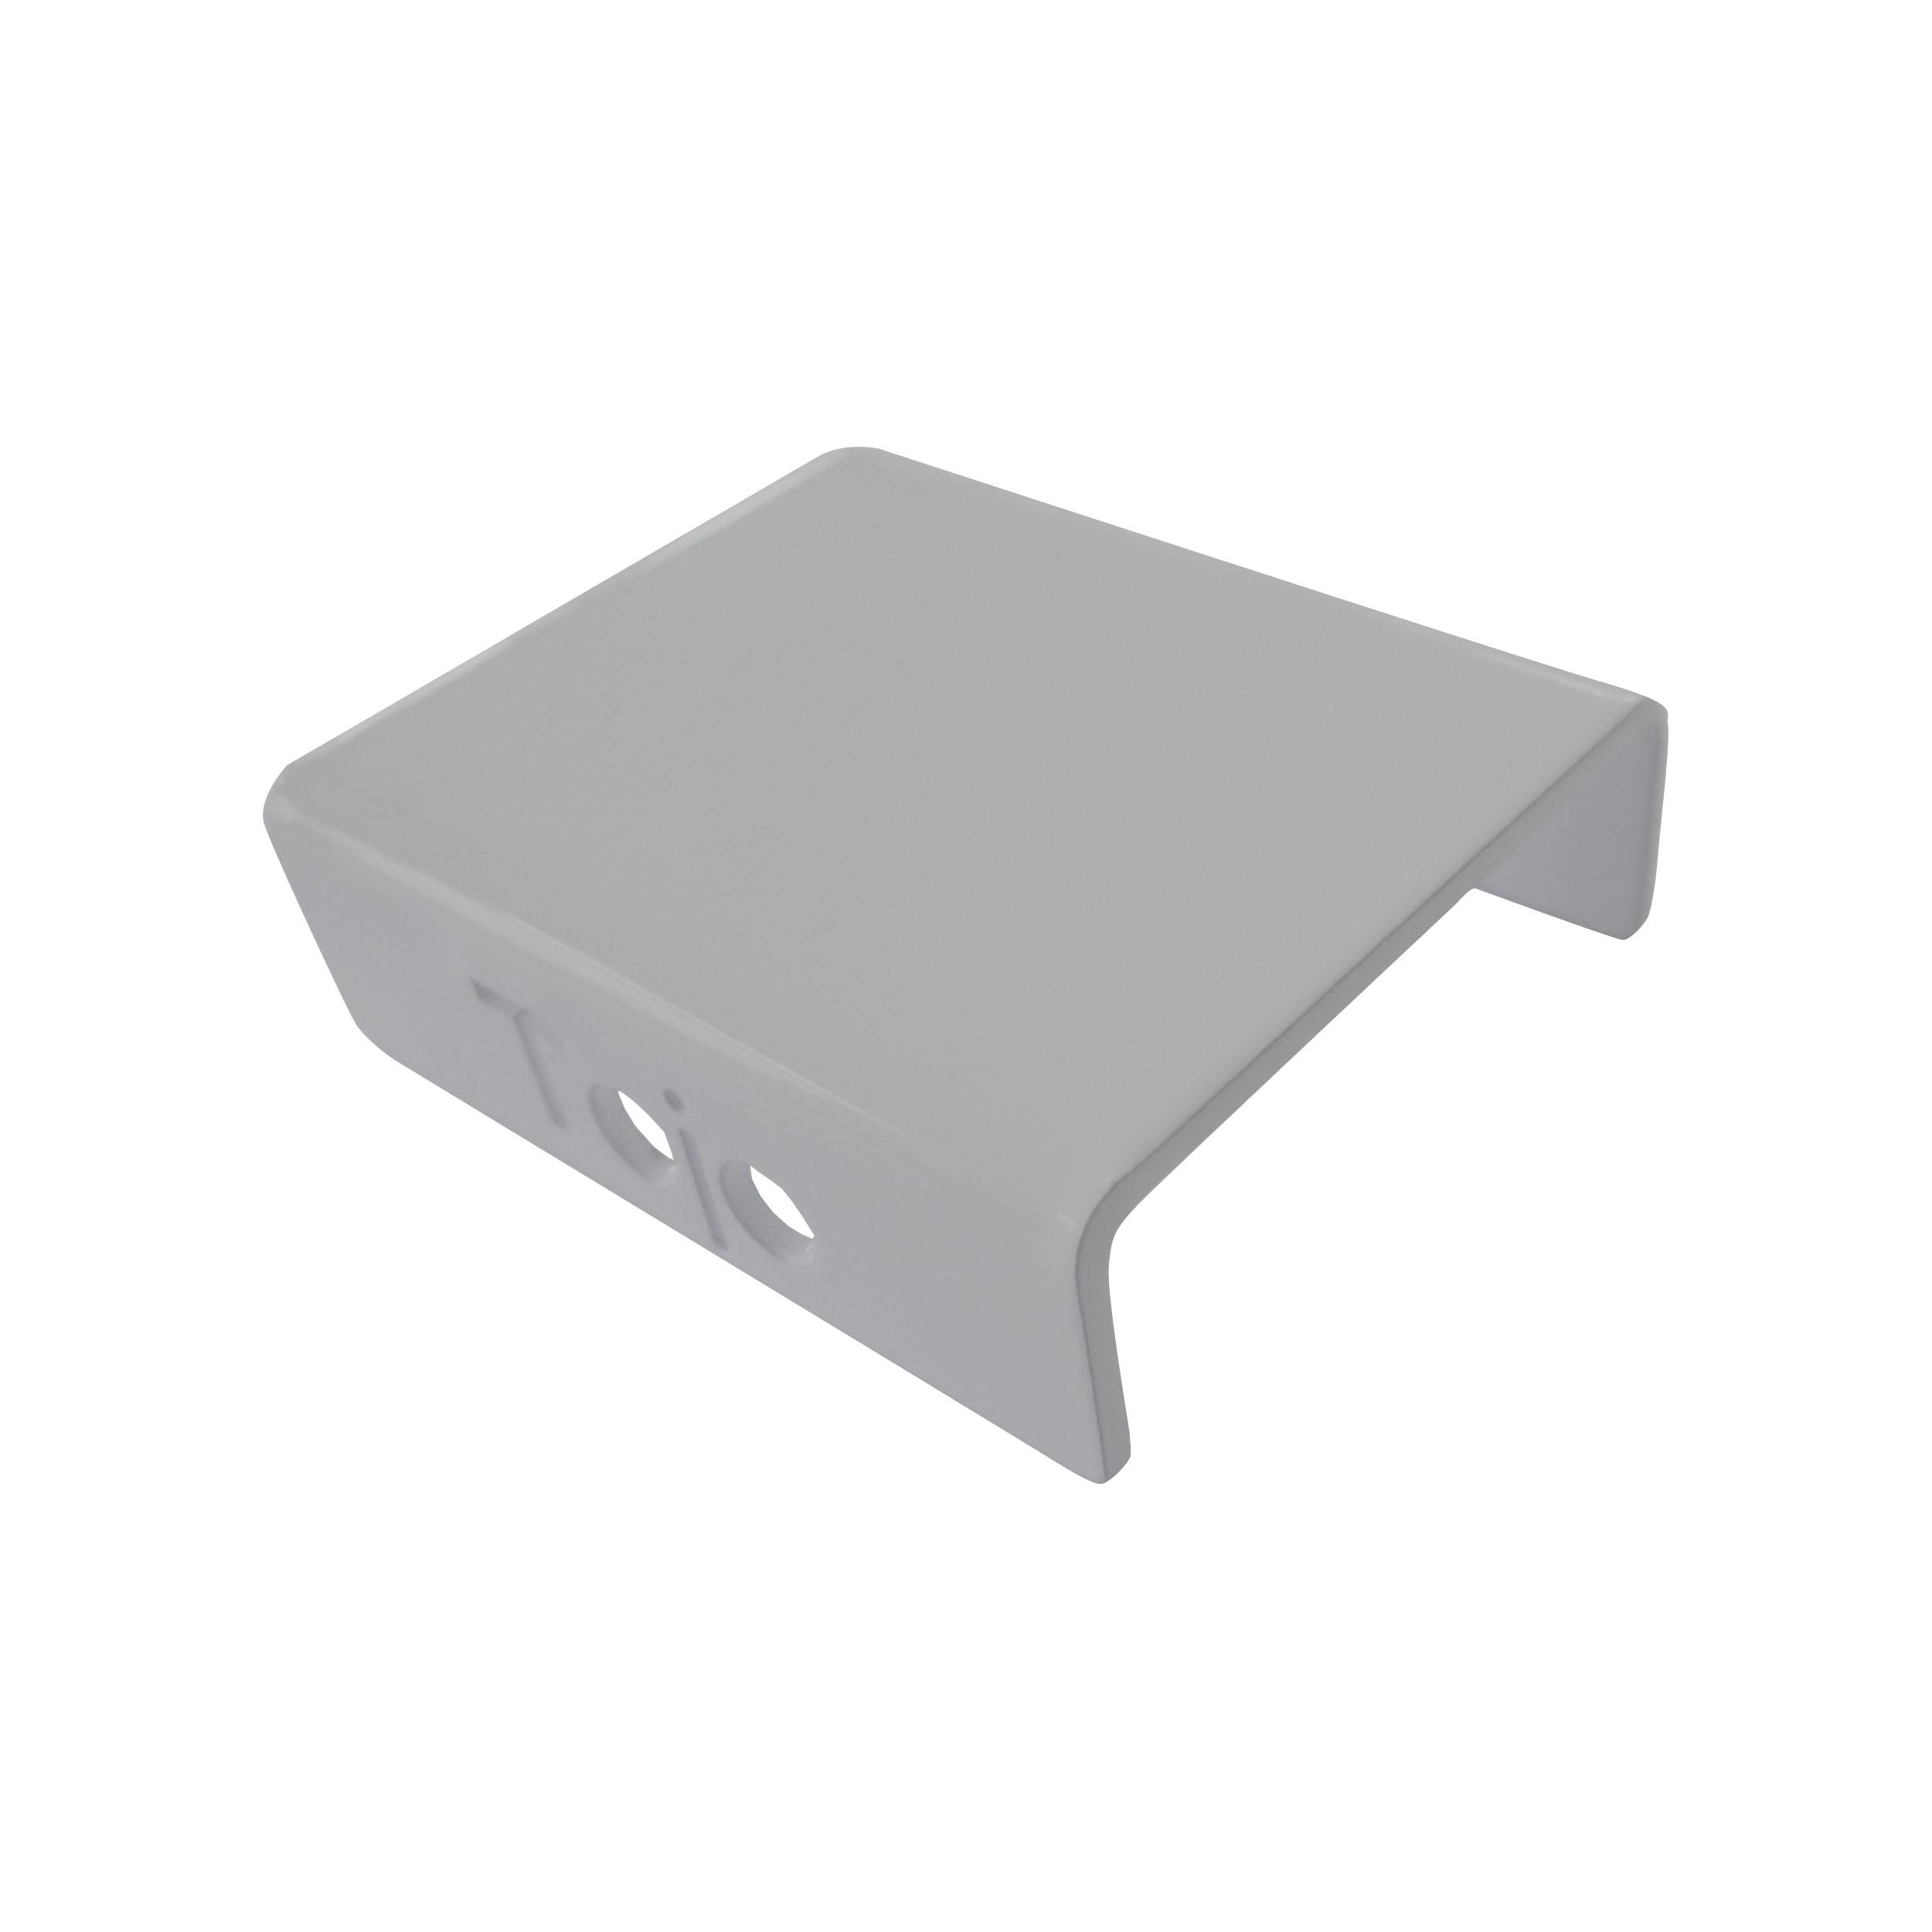 Tojo-hochstapler Regalsystem Clip